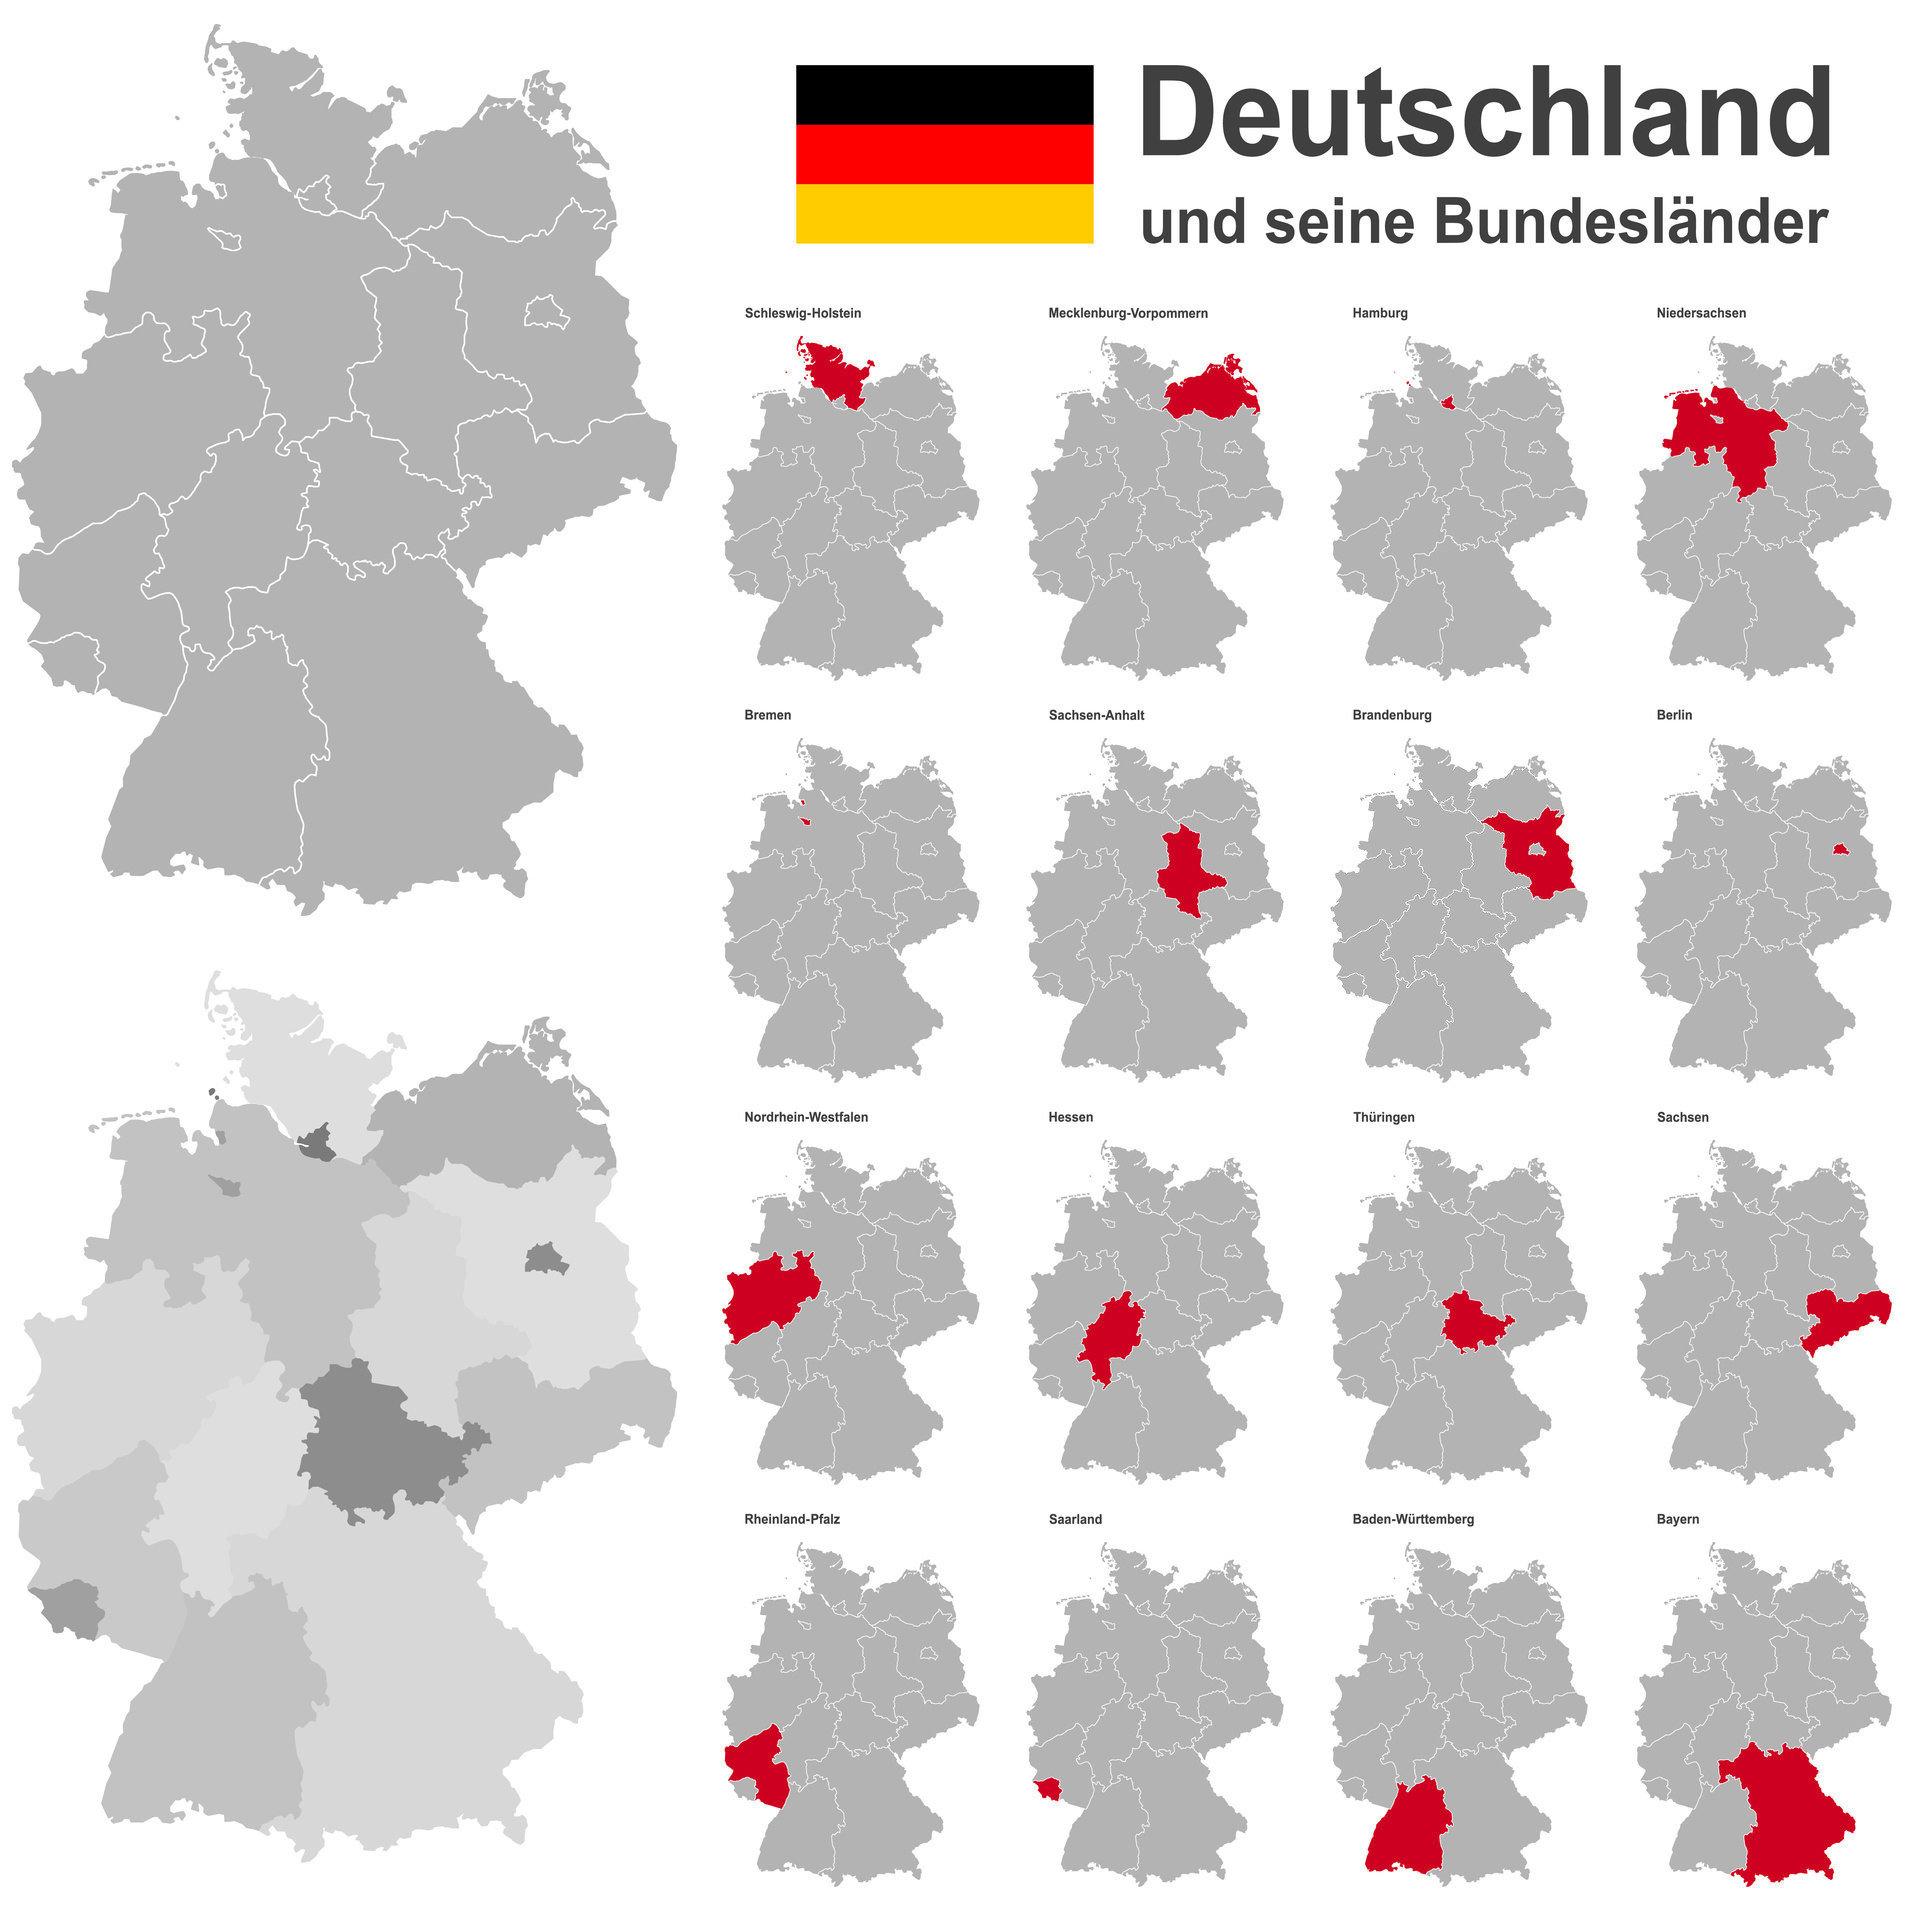 Wie Heißen Die 16 Bundesländer Von Deutschland Und Ihre bei Deutschland Karte Bundesländer Und Hauptstädte